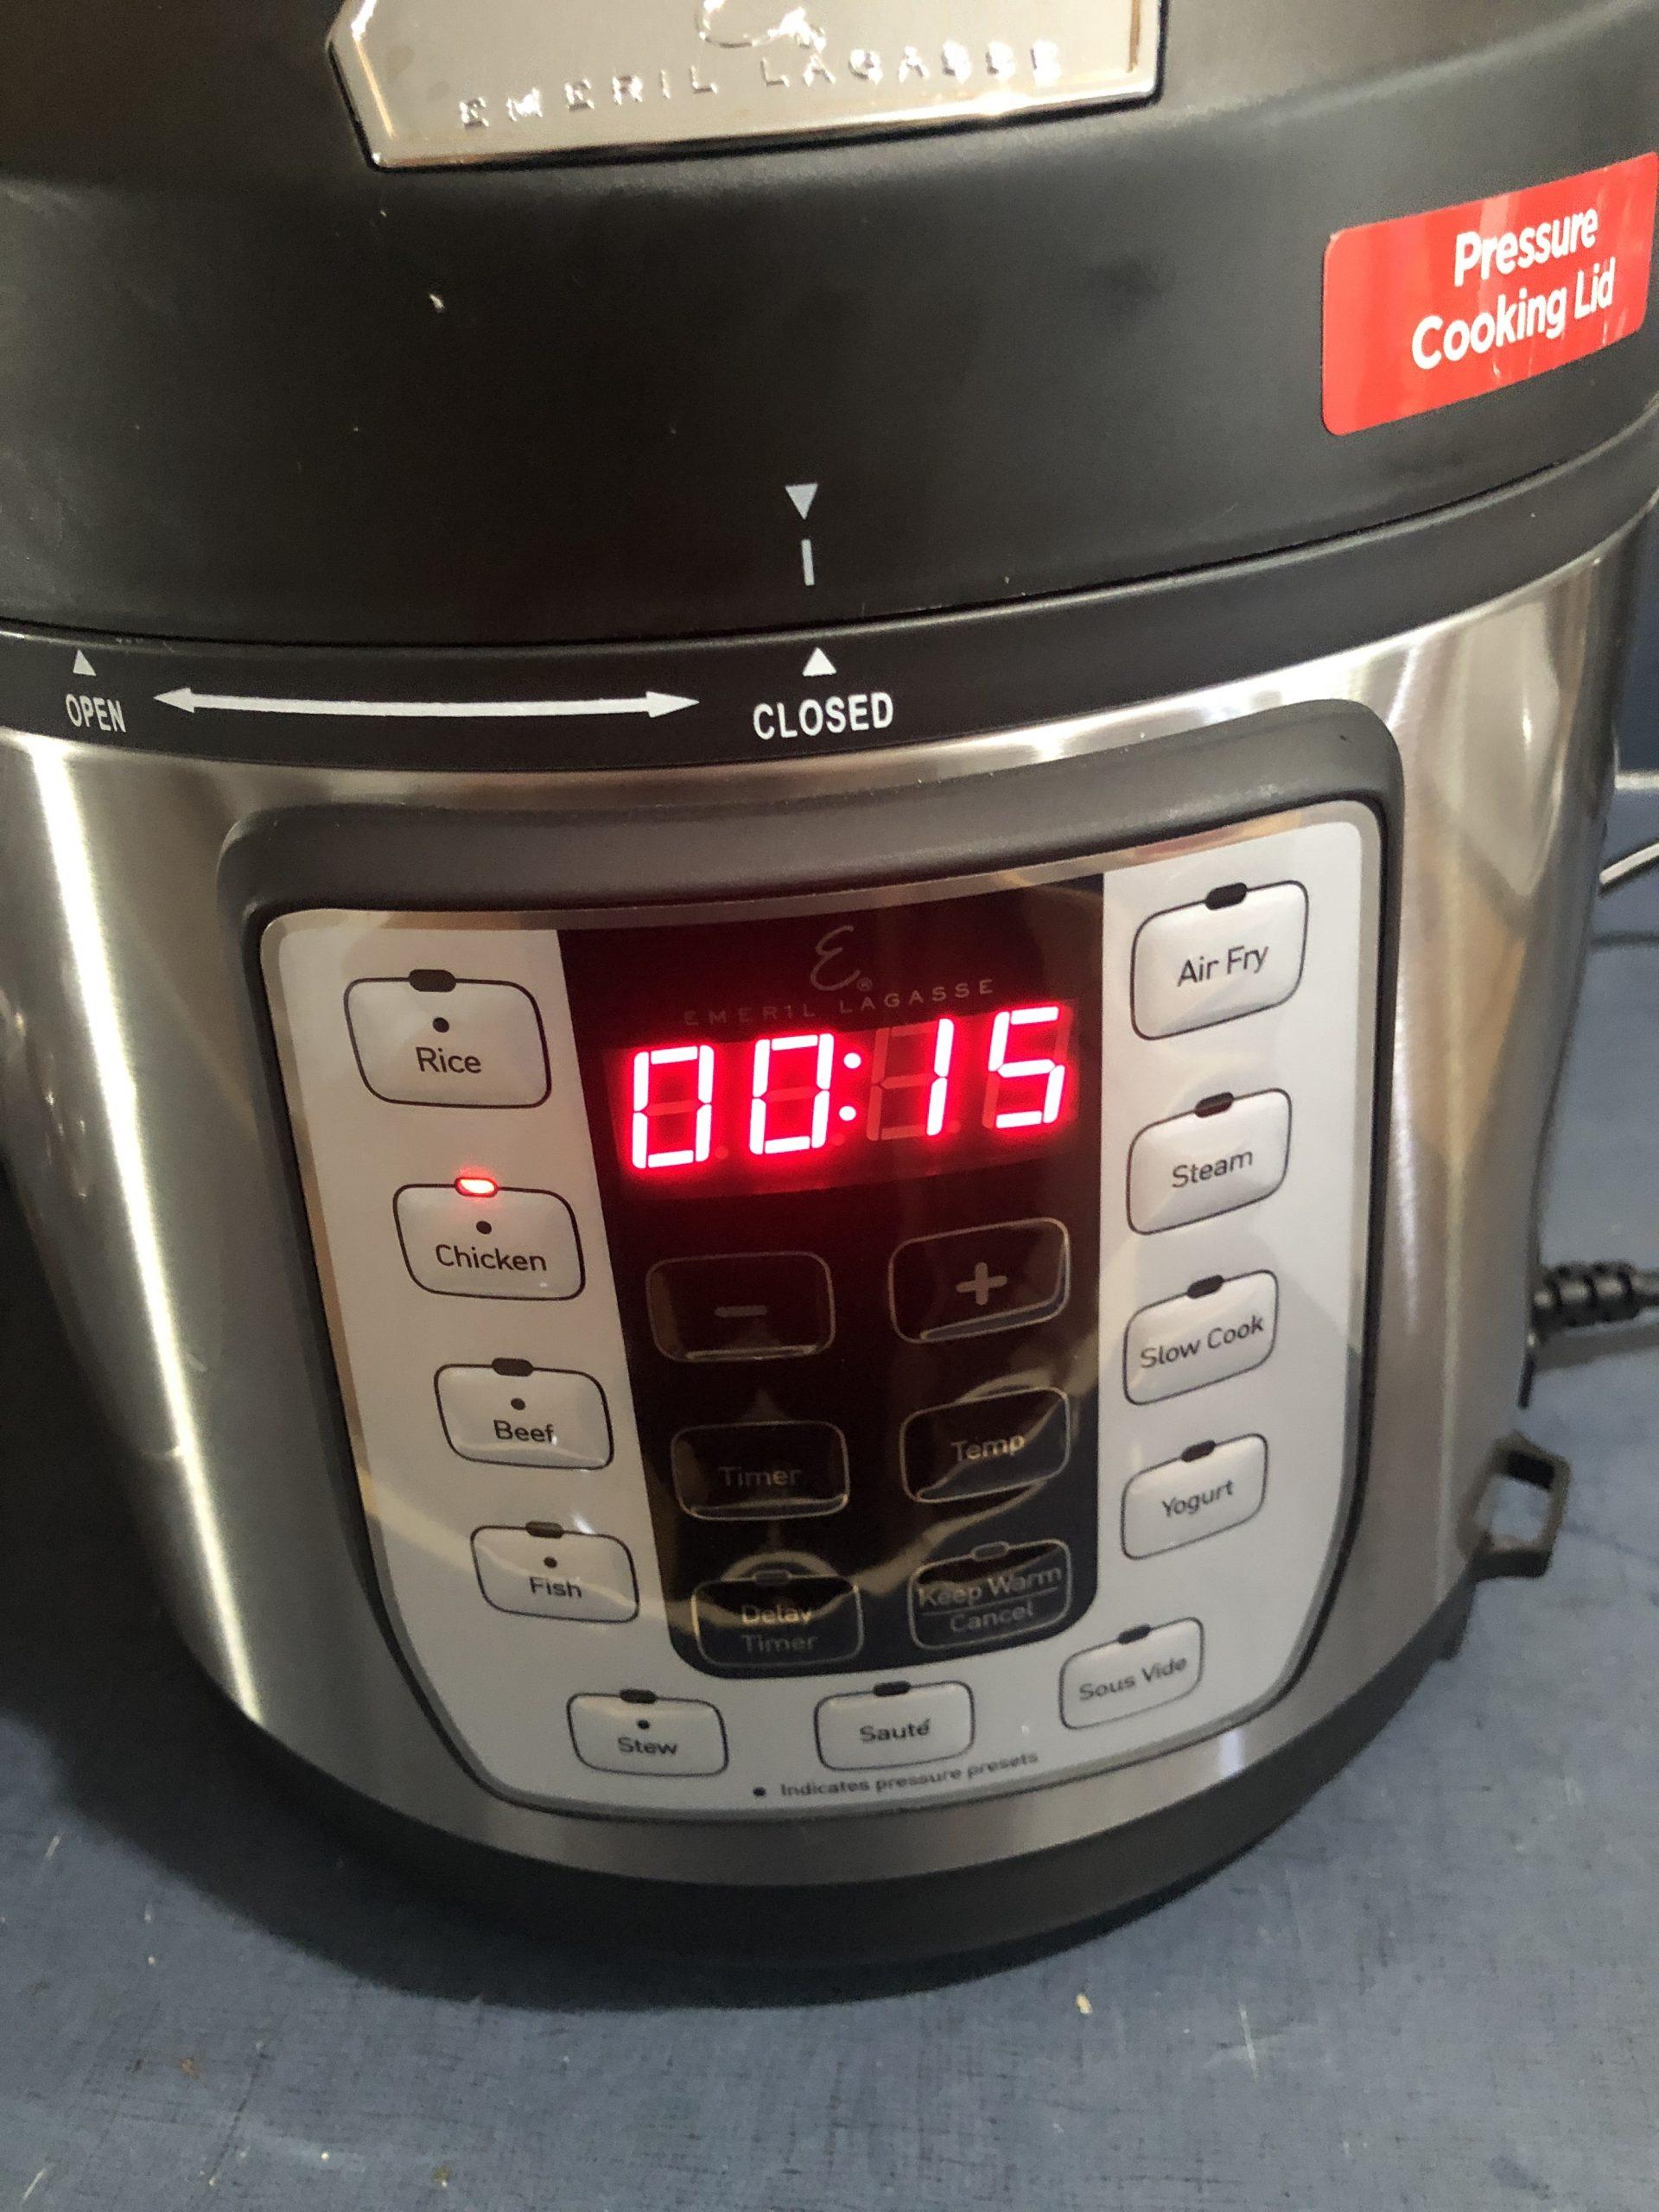 Mar 31 Wicked Fancy Cakes Longmire Air Fryer Mix 95 9